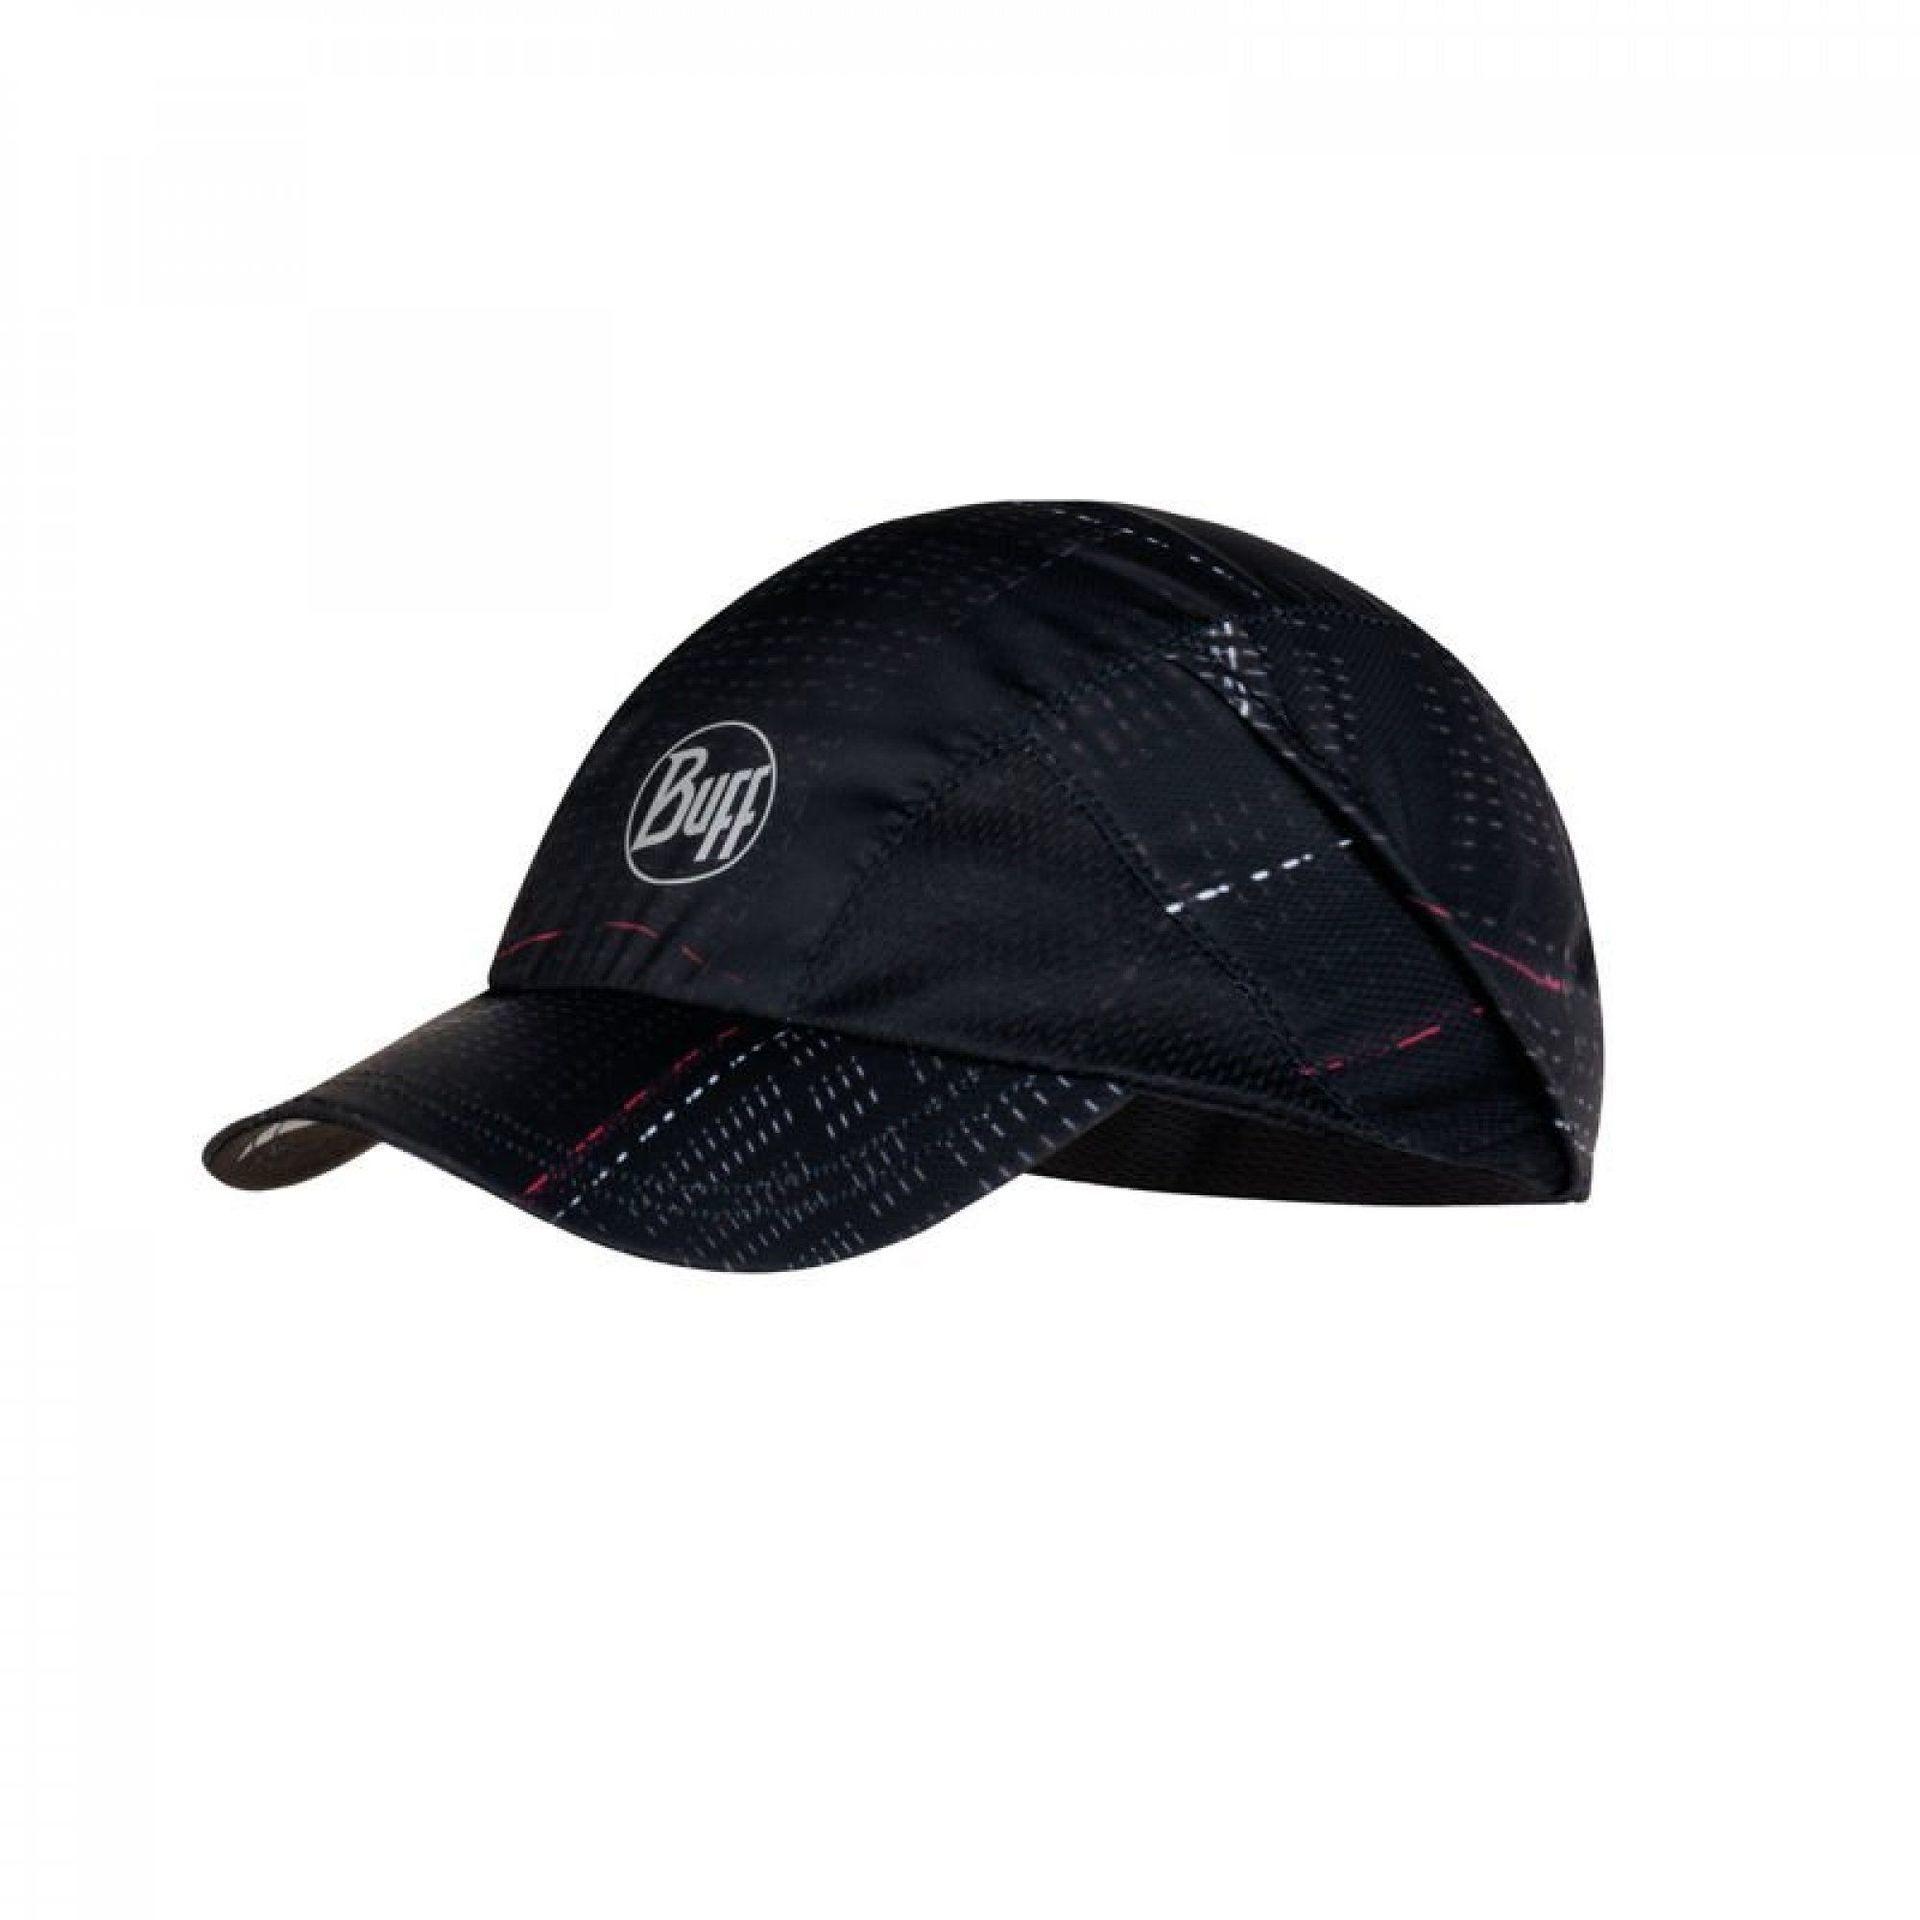 PRO RUN CAP R-LITHE BLACK 1